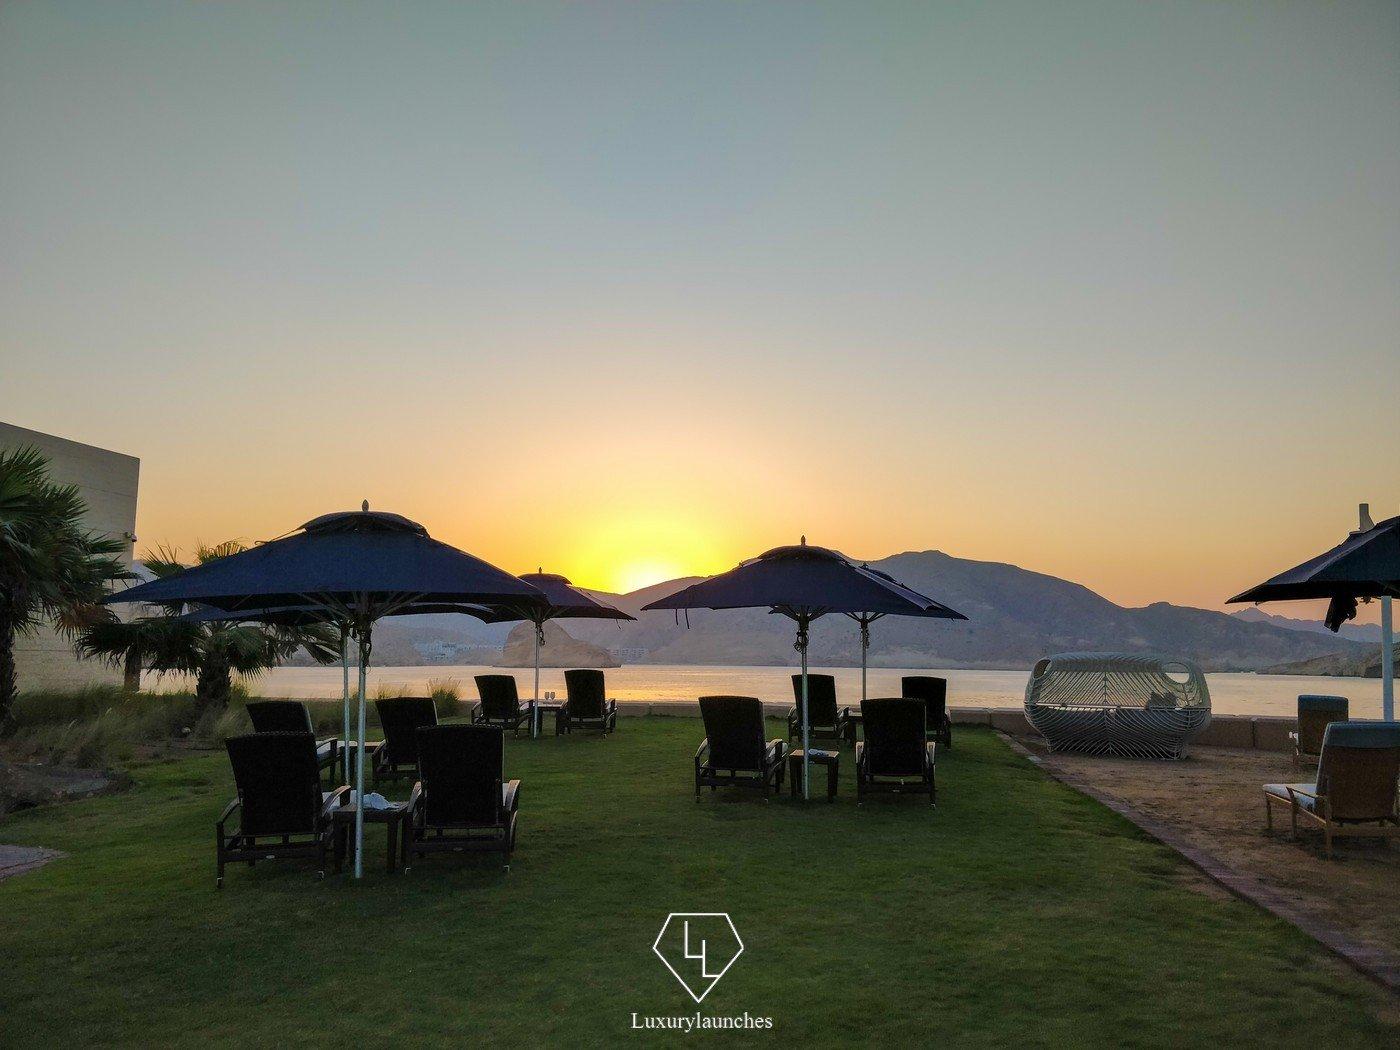 shangrila-al-husn-sunset.jpg (1400×1050)